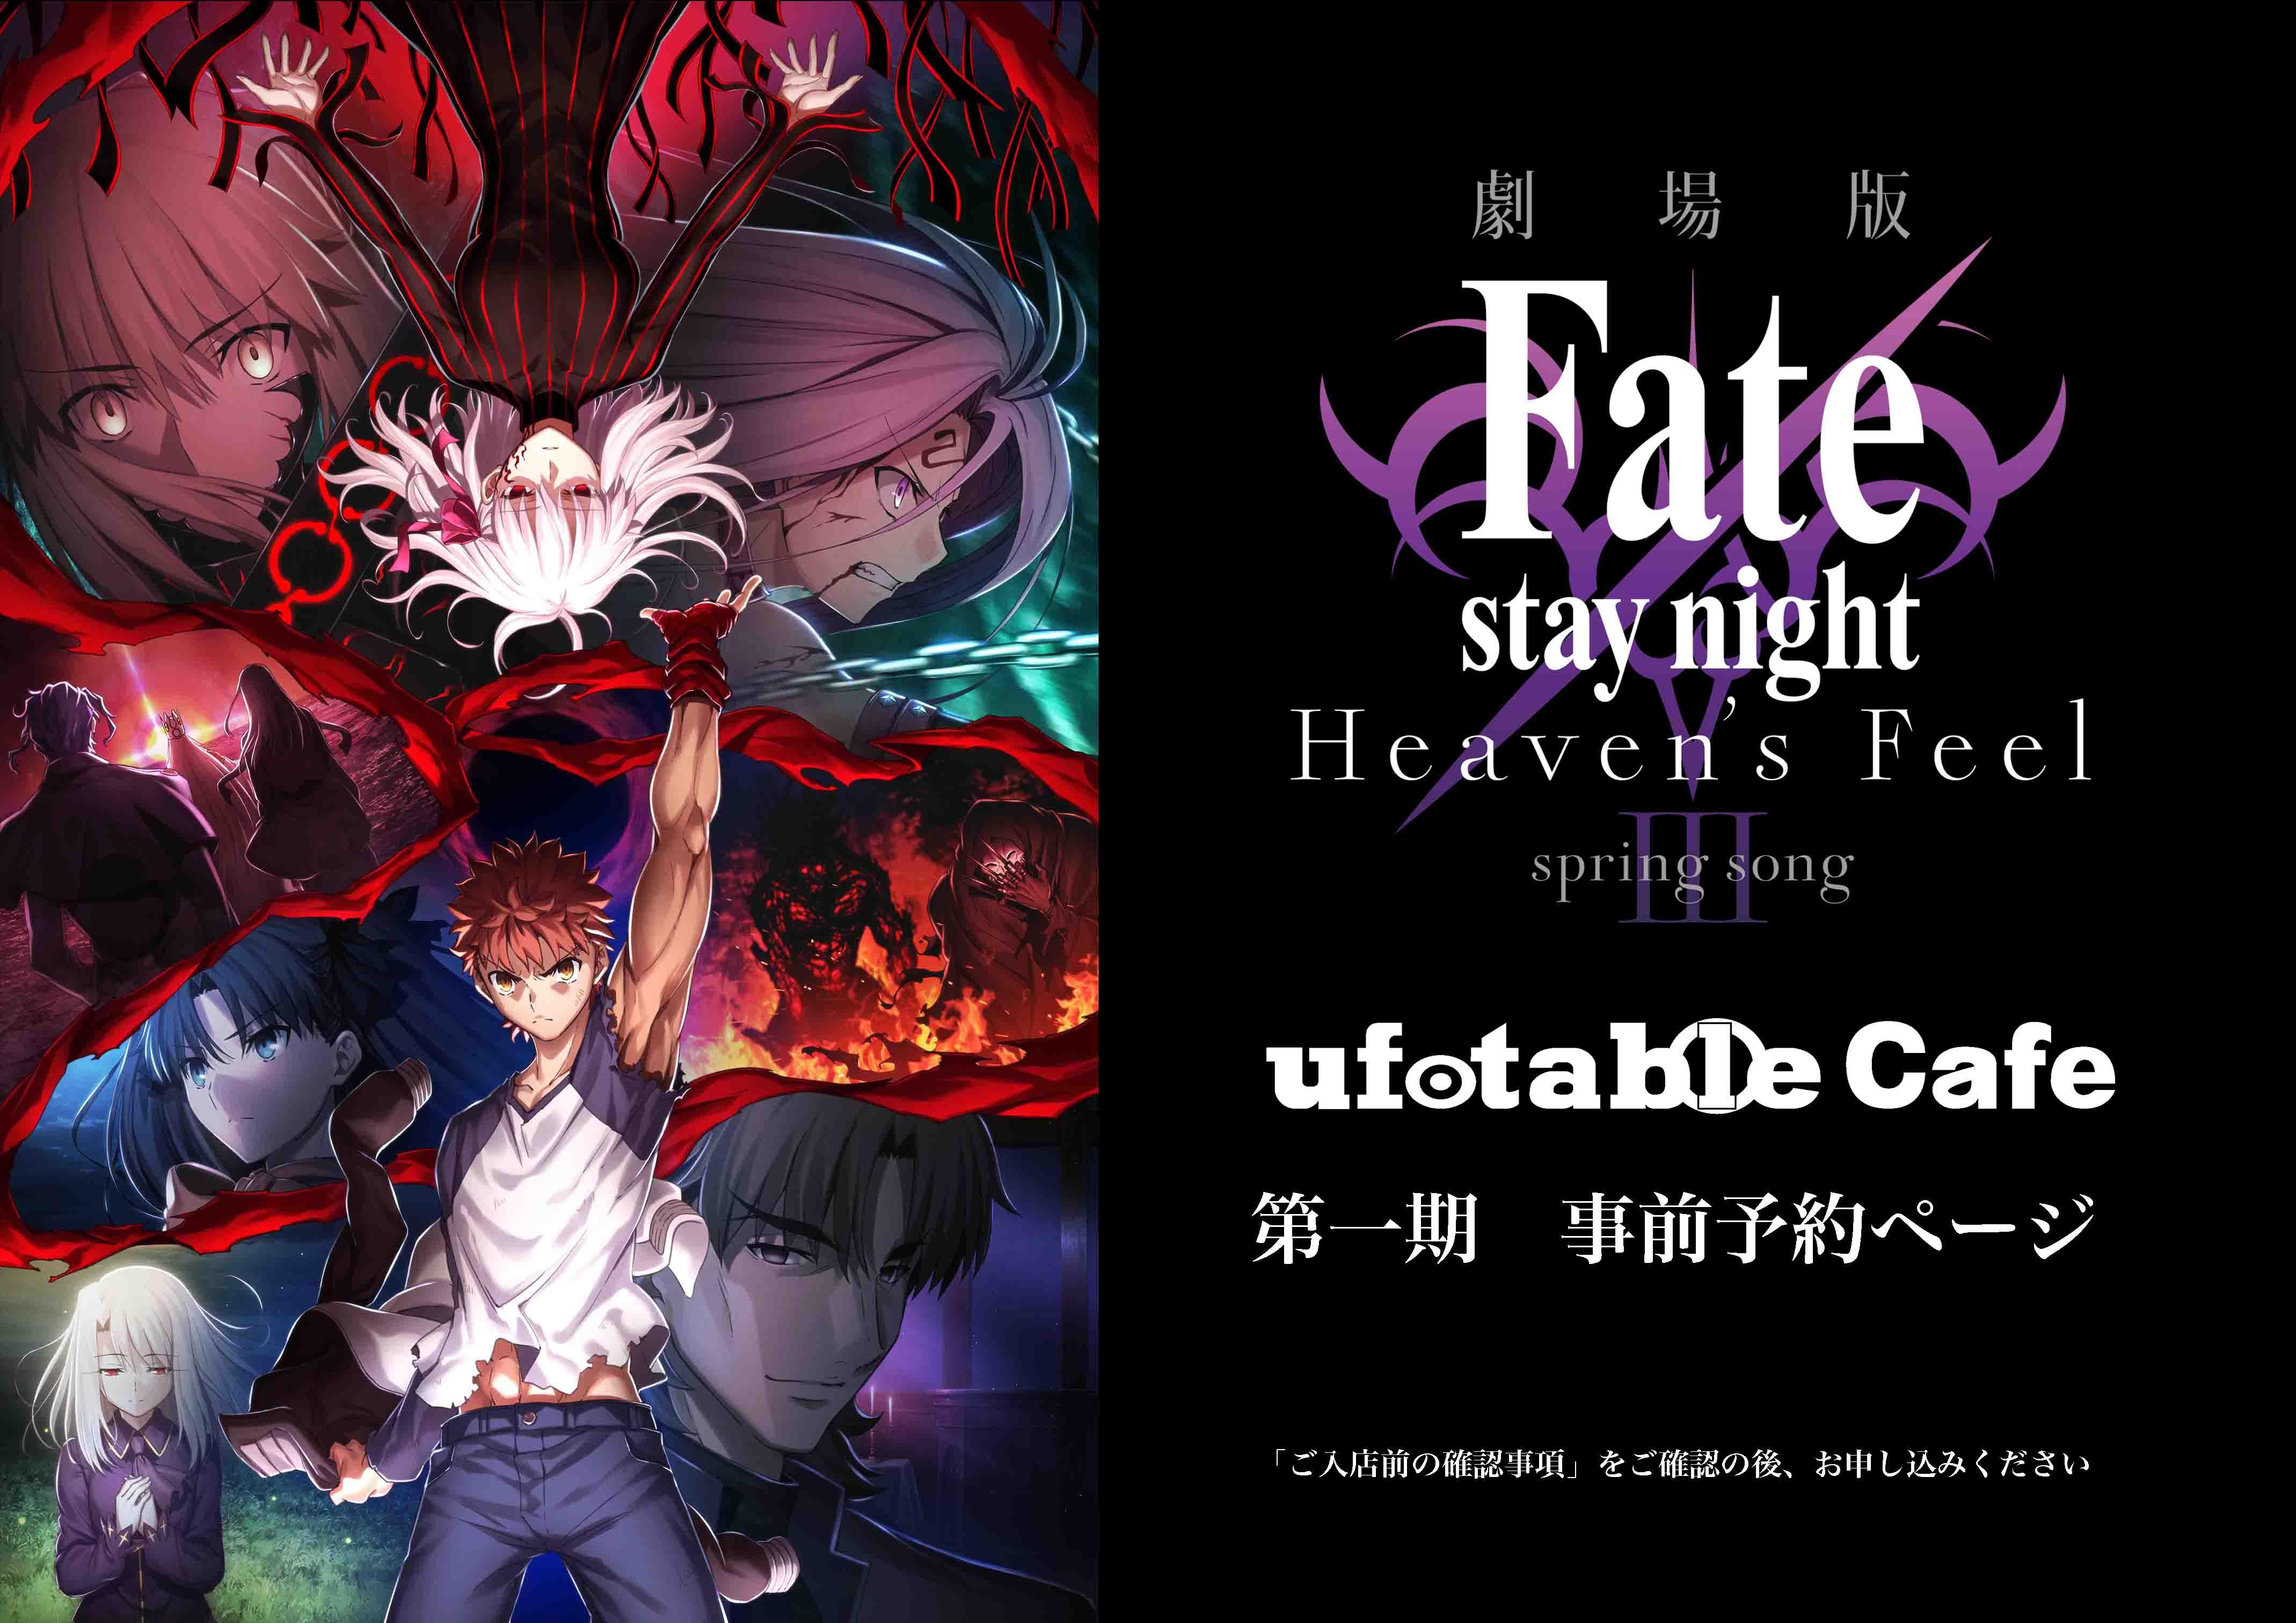 【東京】ufotableCafe TOKYO 8/19(水) 劇場版「Fate/stay night[Heaven's Feel]」Ⅲ.spring songコラボレーションカフェ